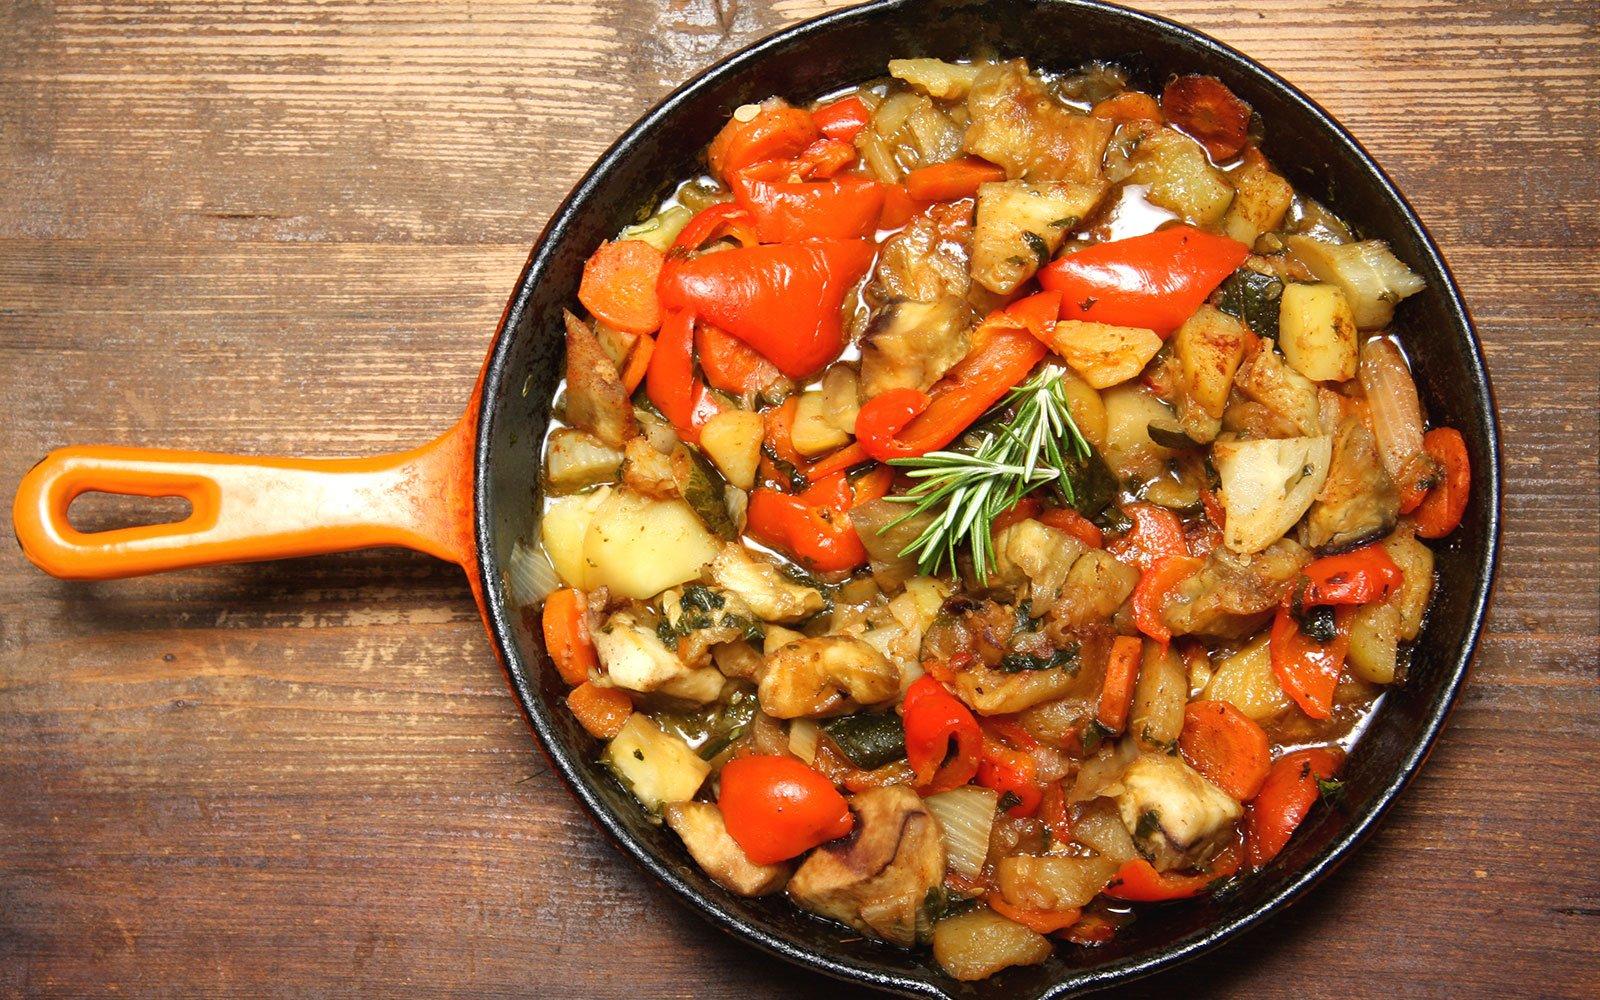 Frecantò di verdure, la versione marchigiana della ratatouille